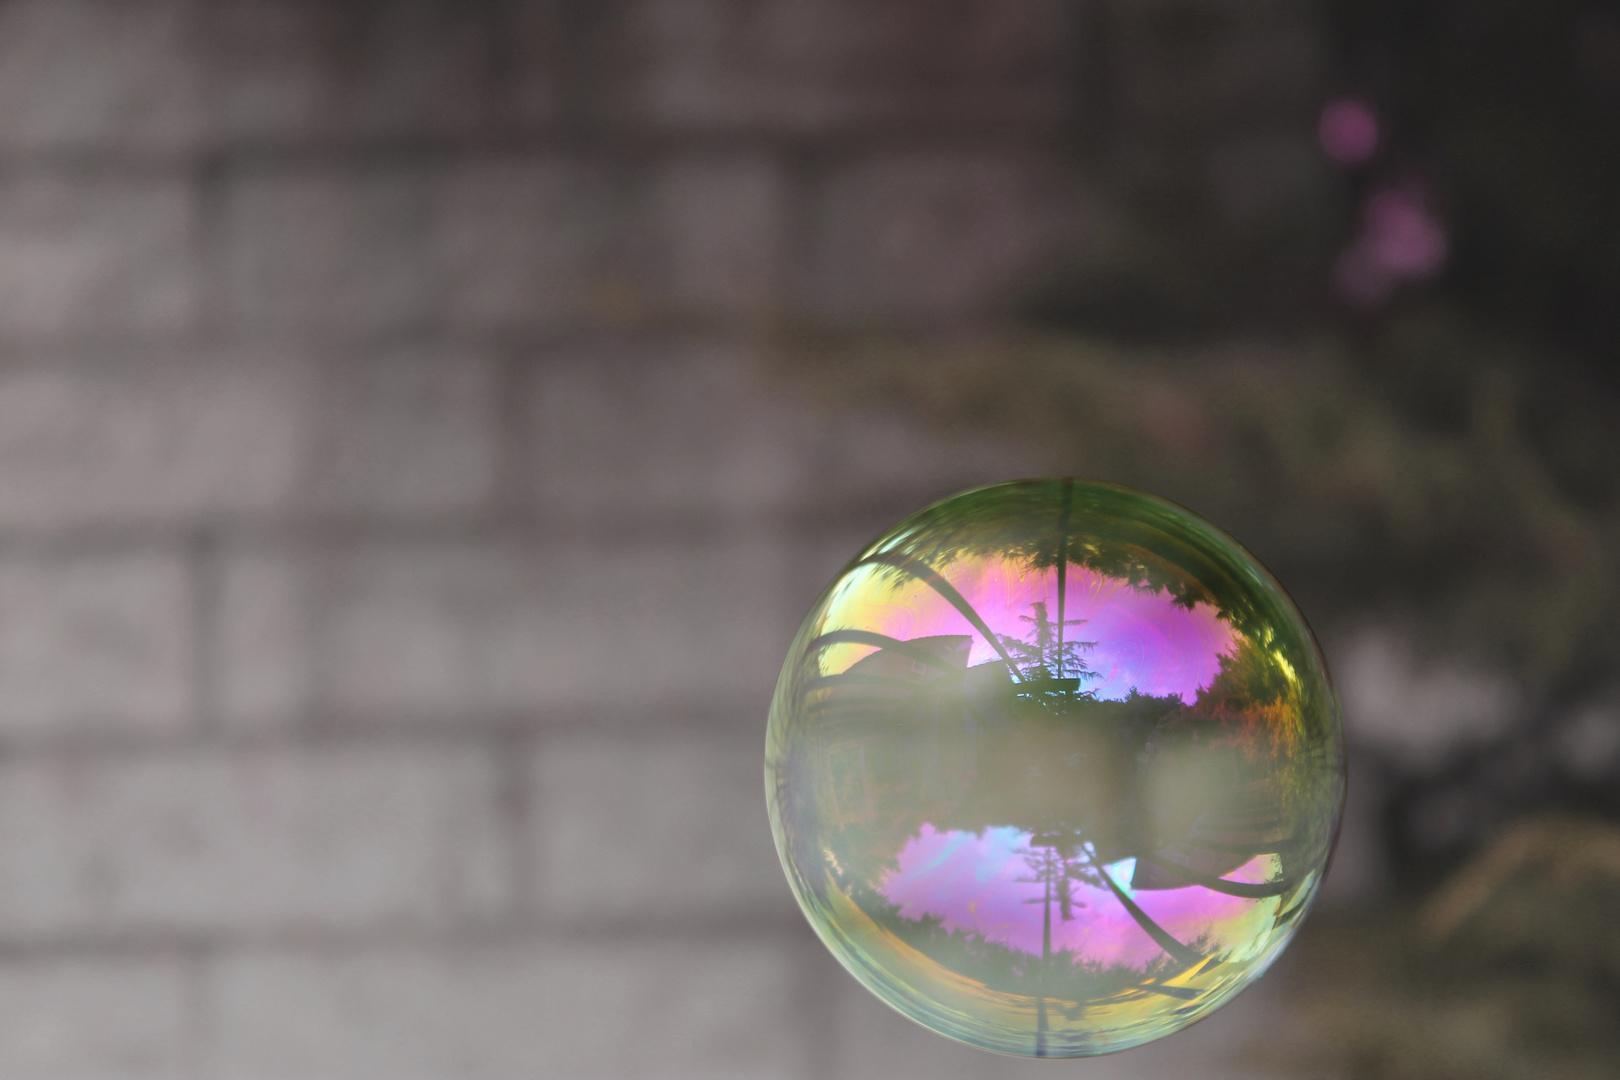 Seifenblasen - Spiegelung